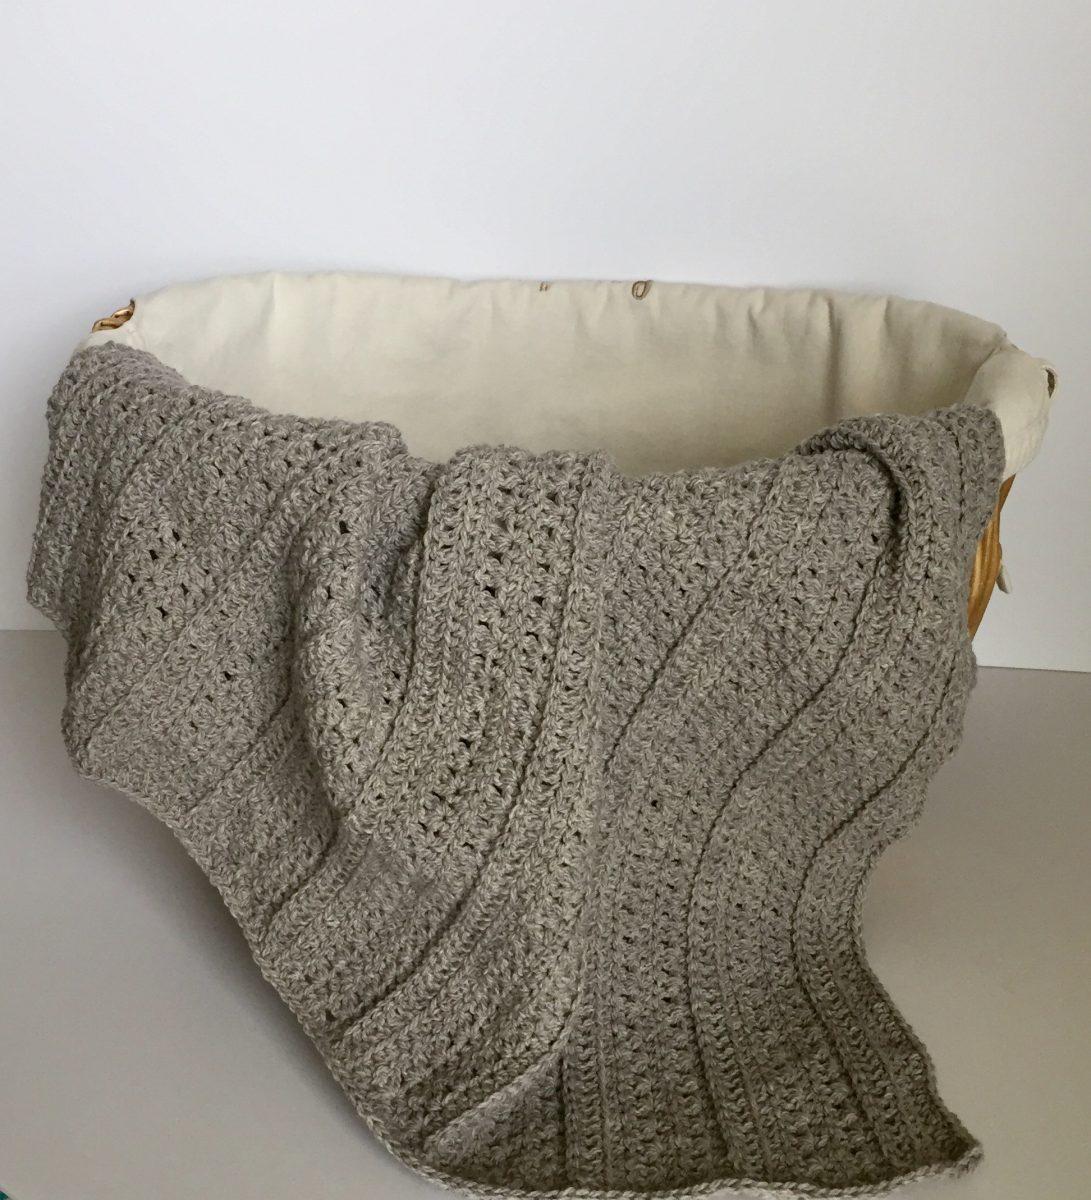 stripes baby blanket crochet pattern by little monkeys designs grey in basket